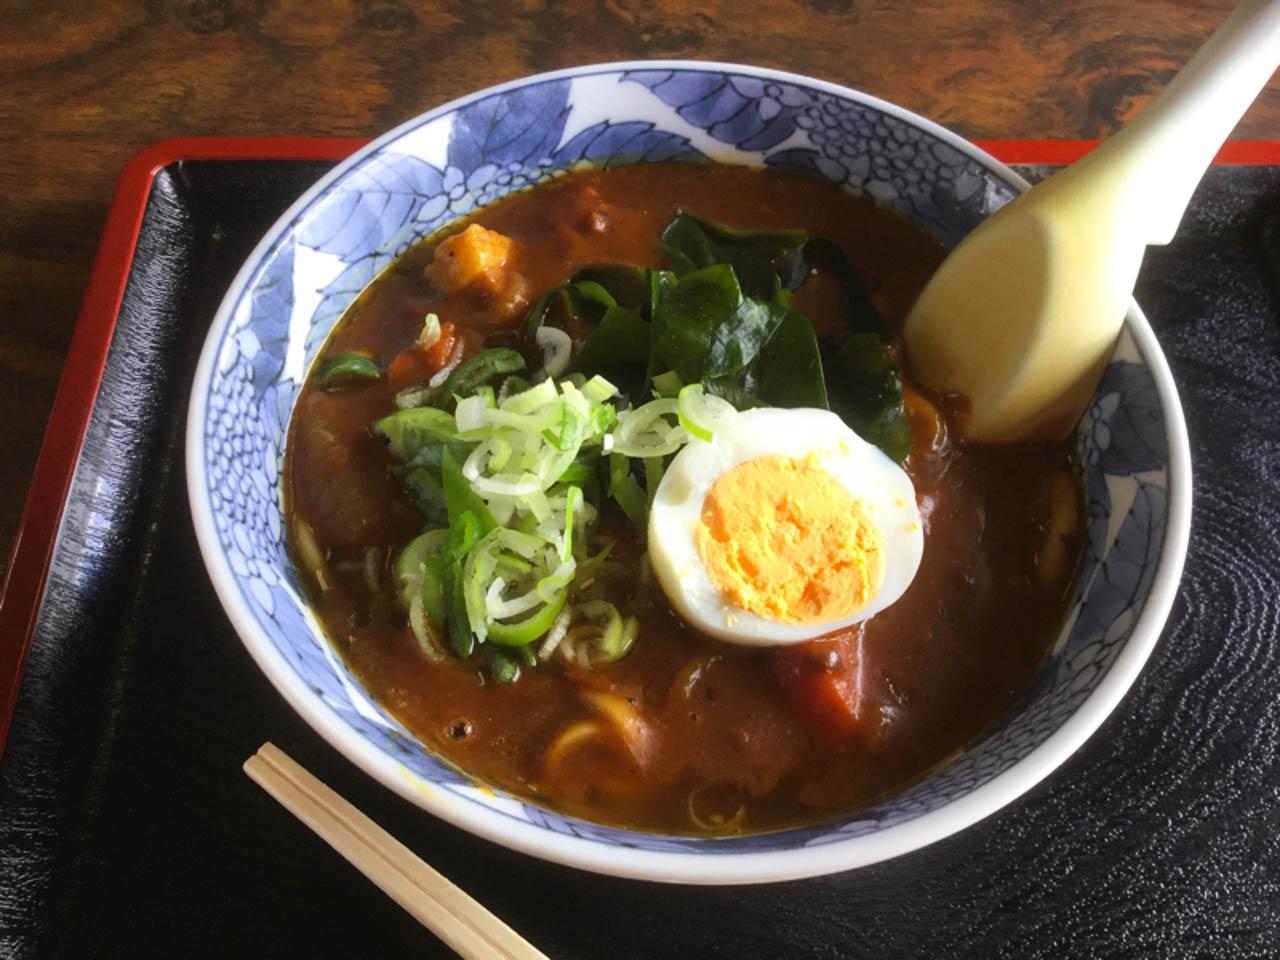 過去最高レベルの味噌ラーメンに出会った。から揚げもおいしい竹園(秋田県大館市大滝温泉)